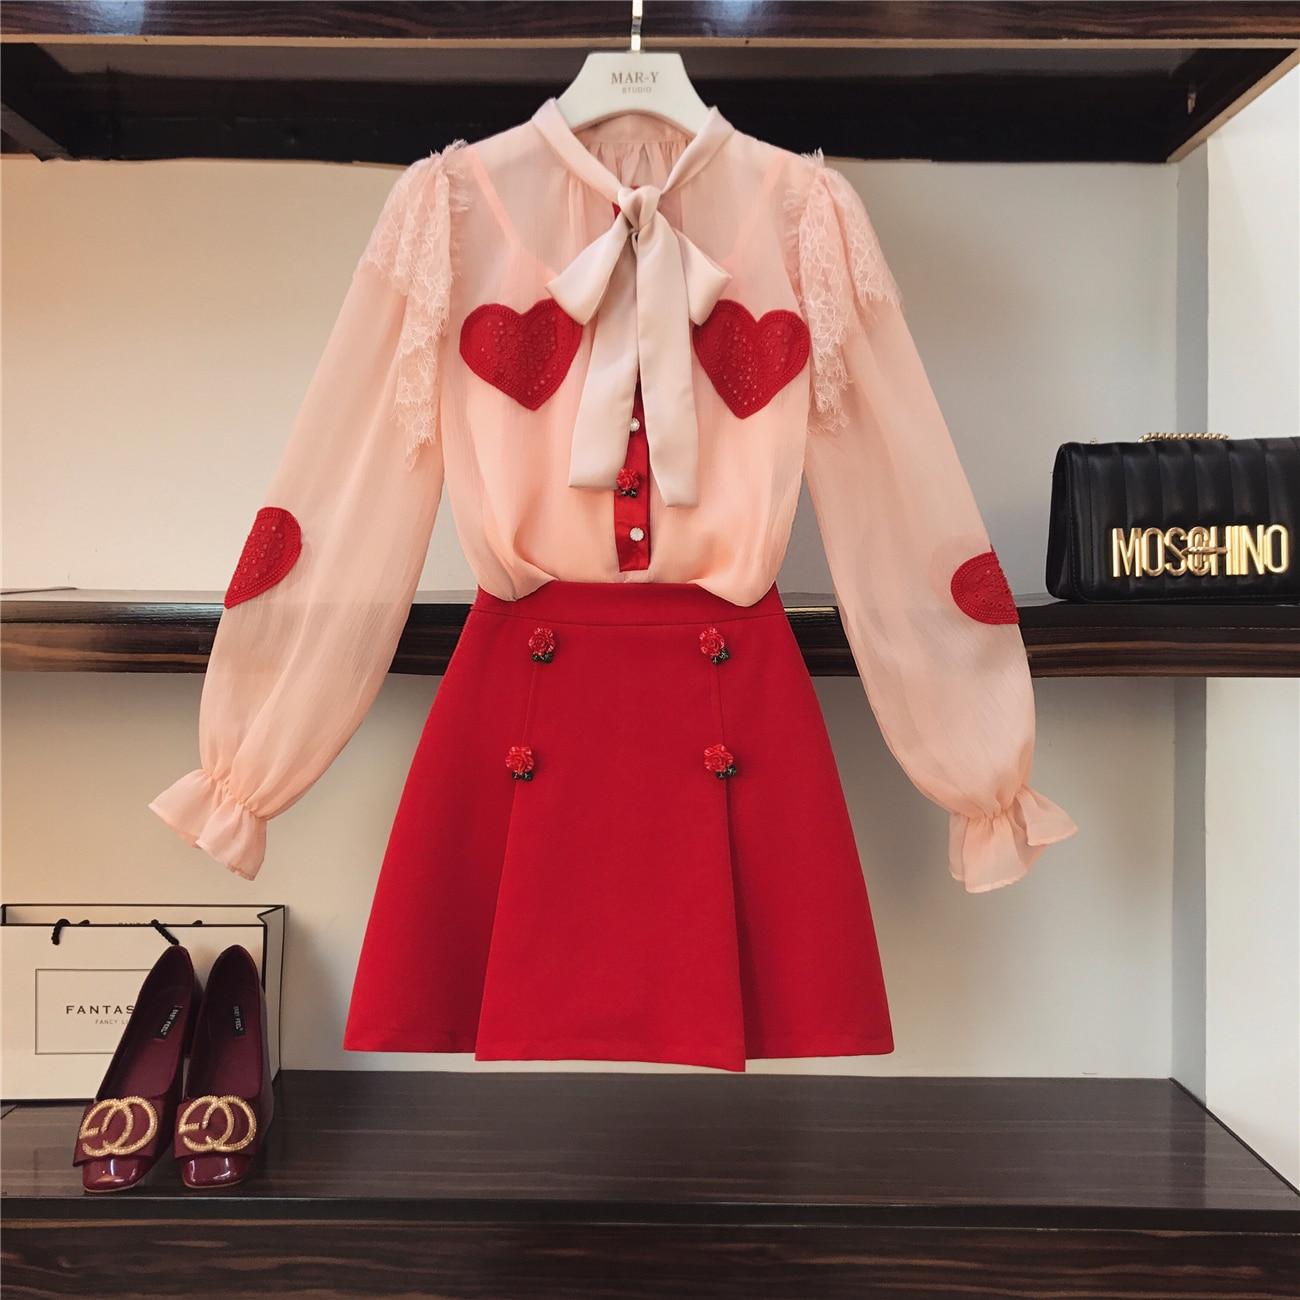 Robe Deux Costume D'été coréen Filles Skitys Fée rose Blouse Printemps pièce Dames Femme Rouge Ensemble Tempérament De Nouvelle Noir Robes dF7wEqx